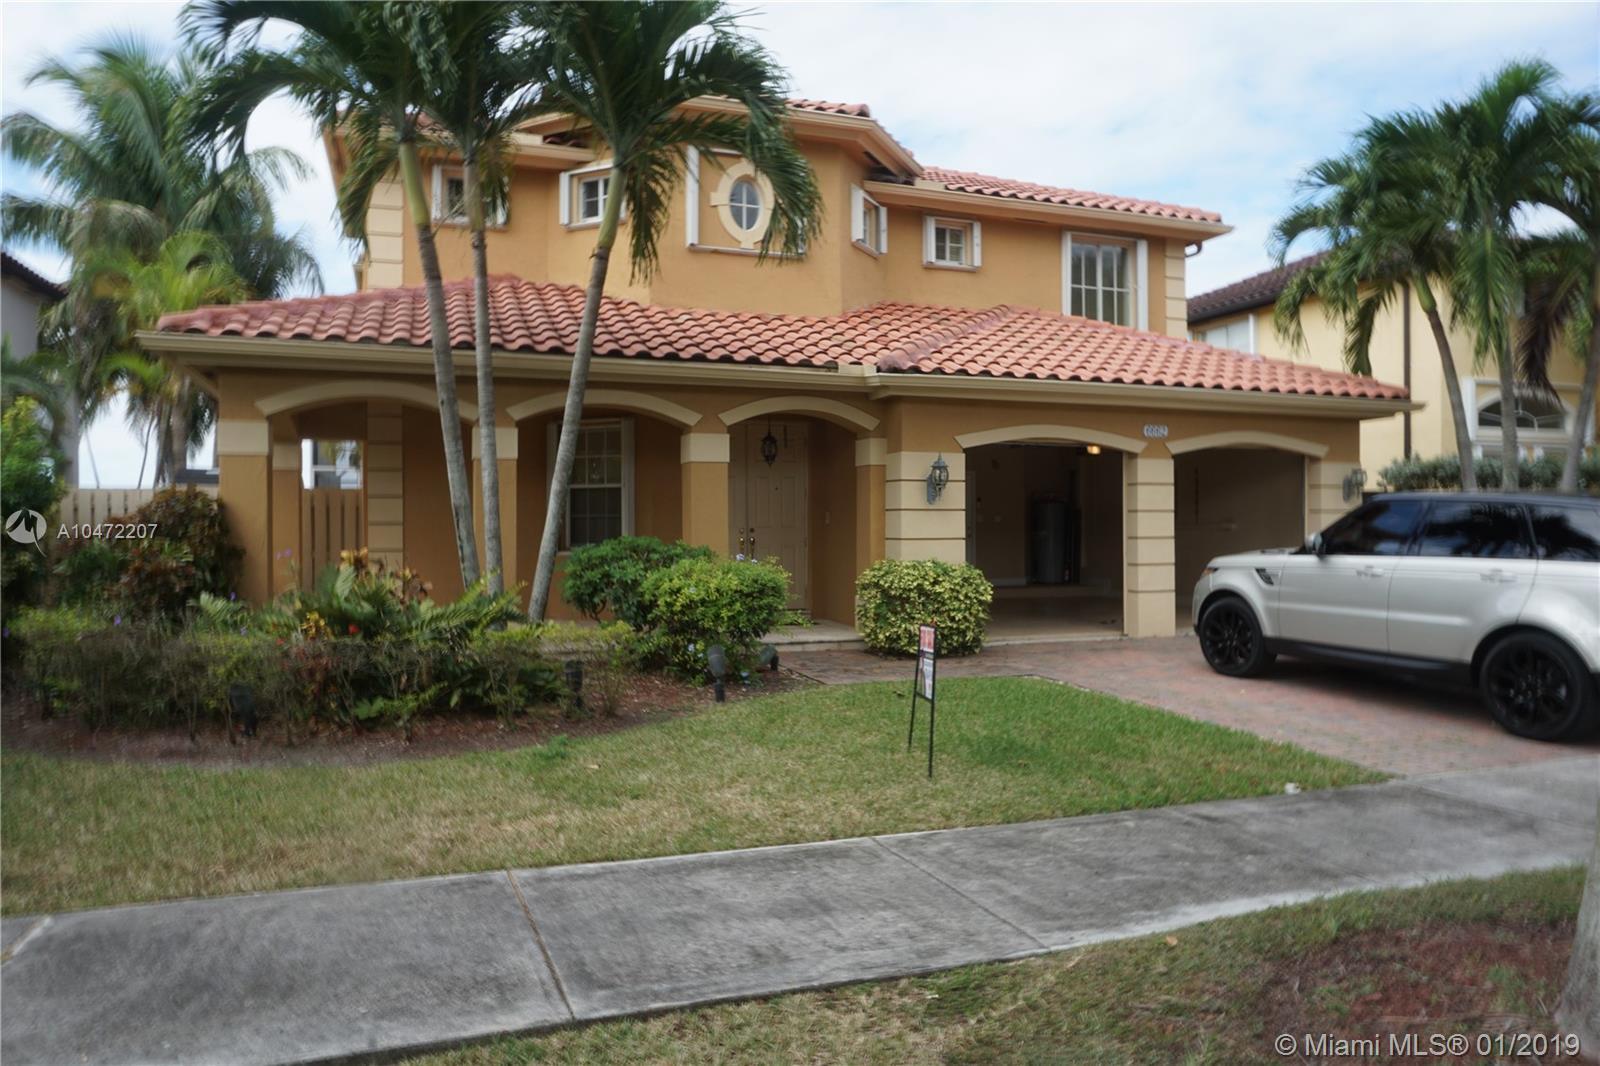 6662 Sw 166th Ct, Miami FL, 33193